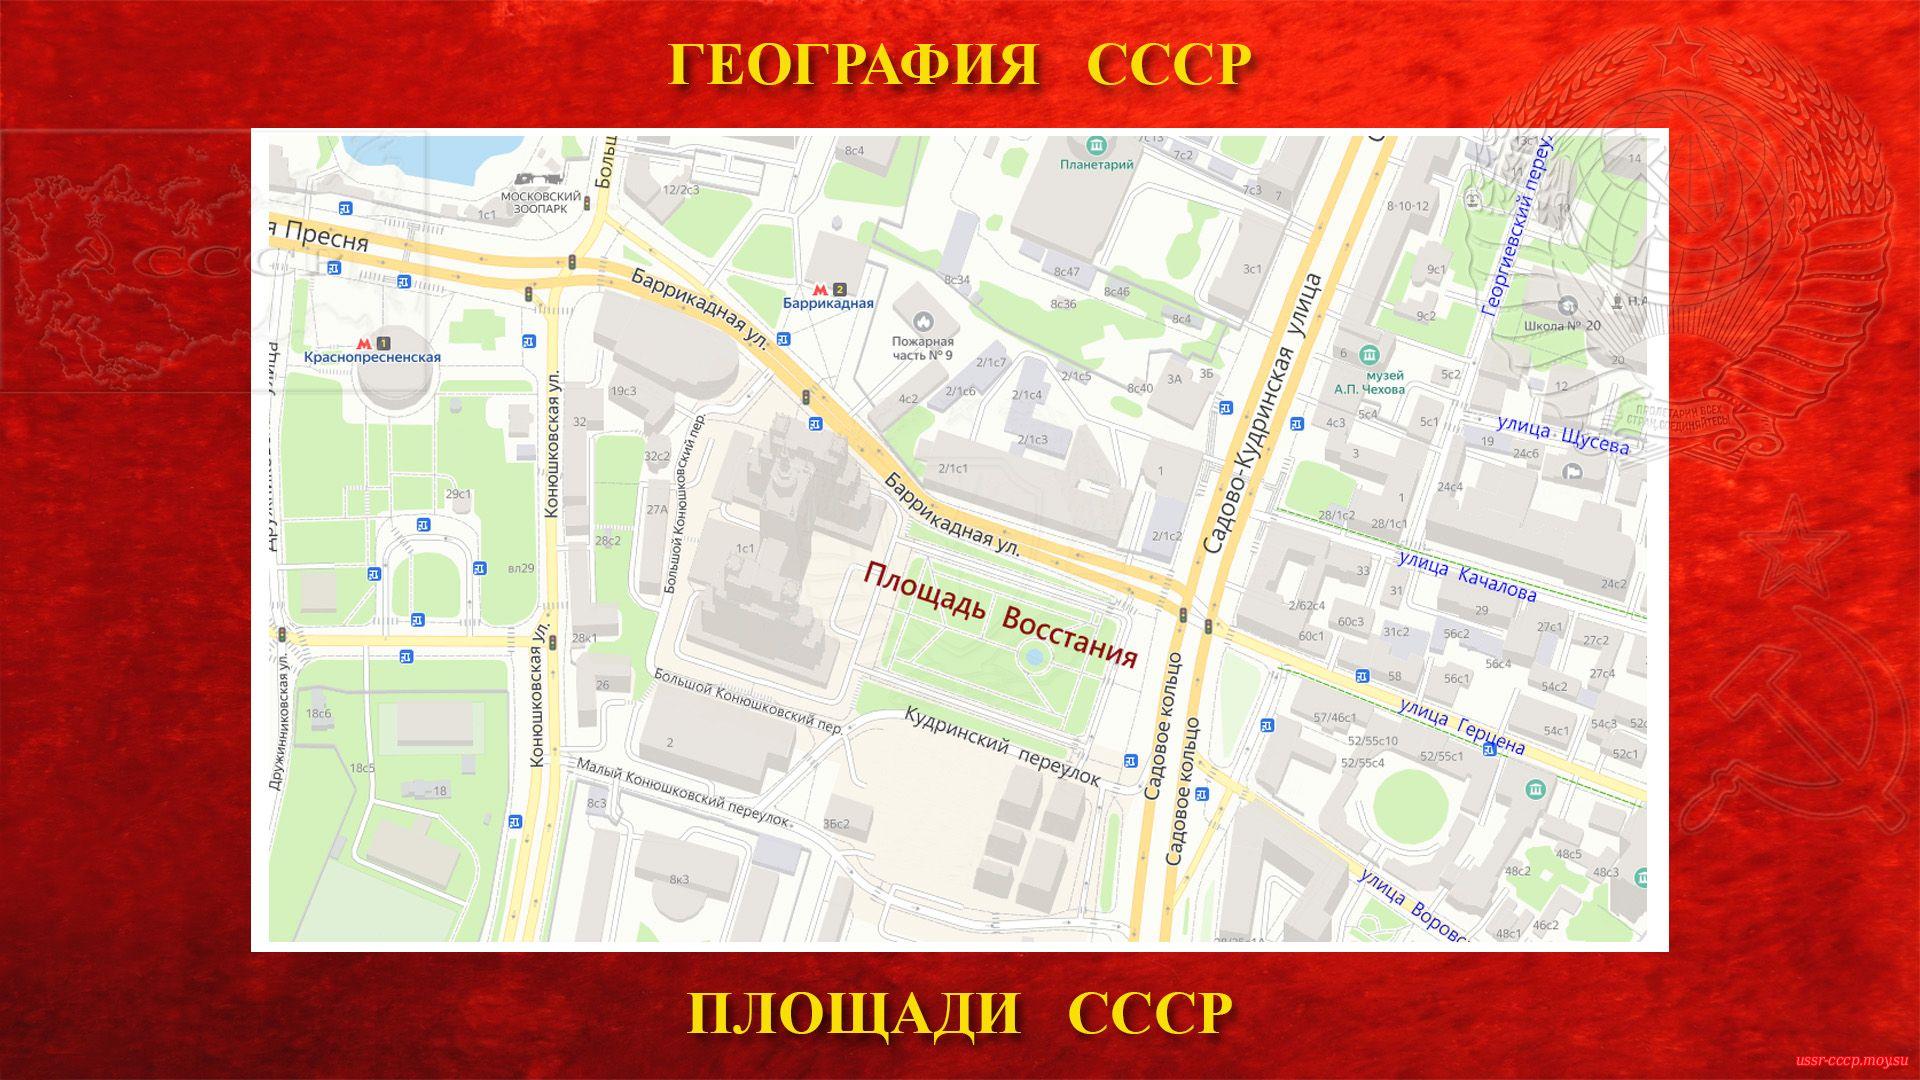 Площадь Восстания — Площадь в центре Москвы (повествование)